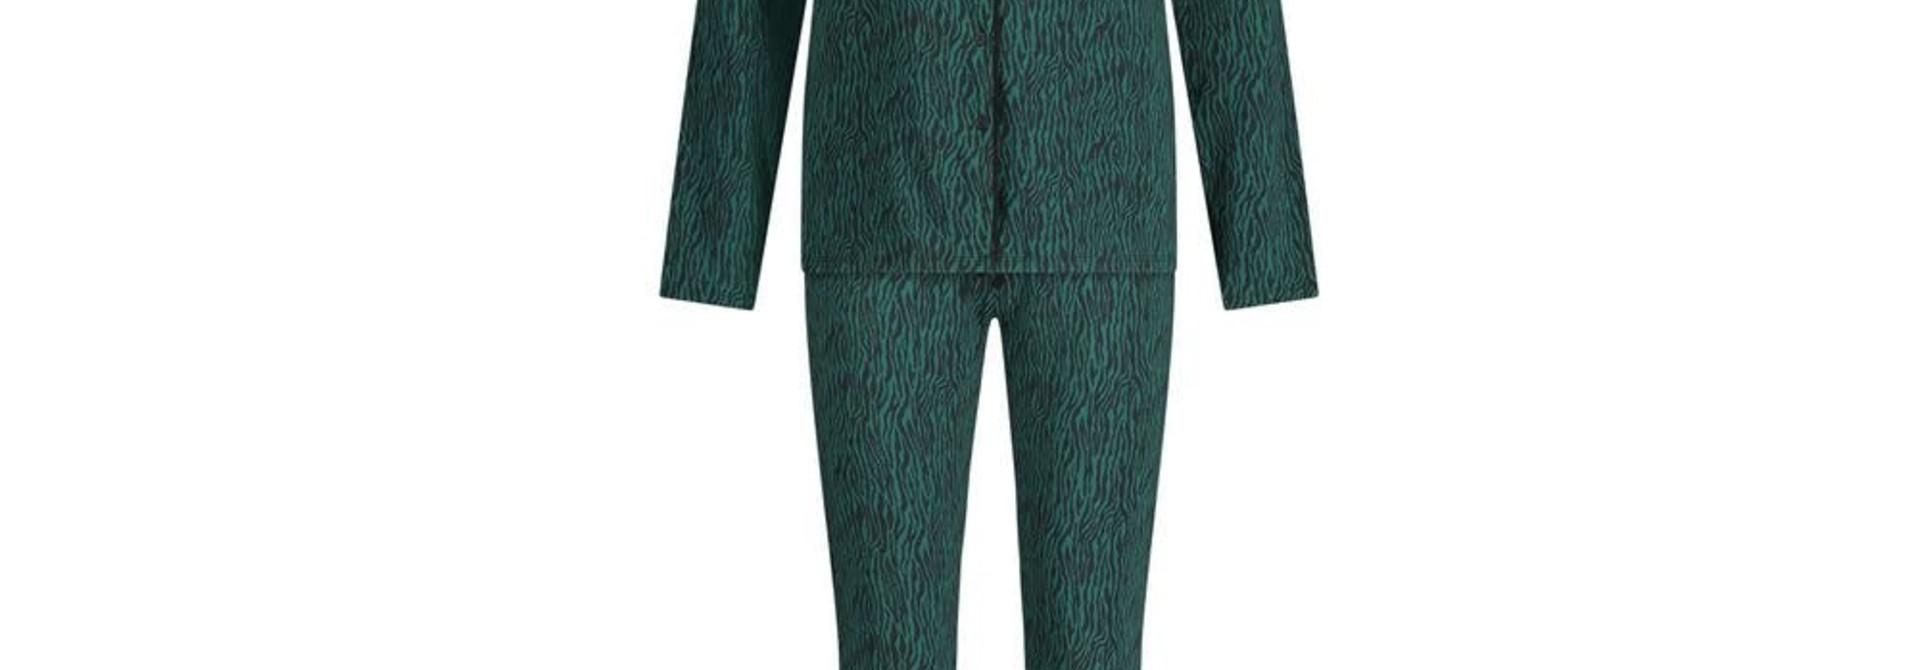 Pyjama lange mouw 32036 - zebra forest green